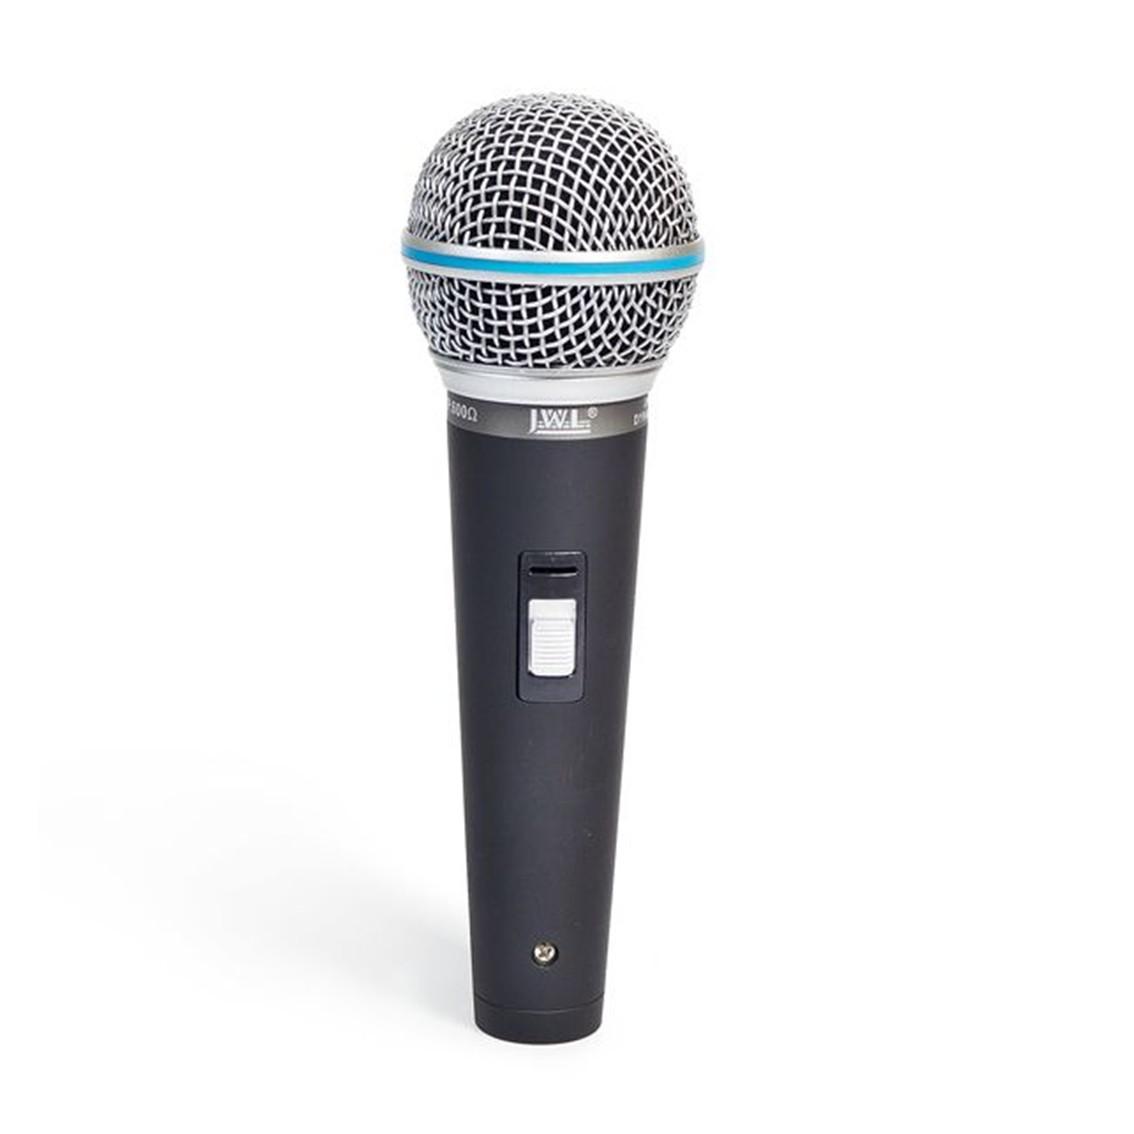 Imagem do produto Microfone de Mão JWL EMS-580